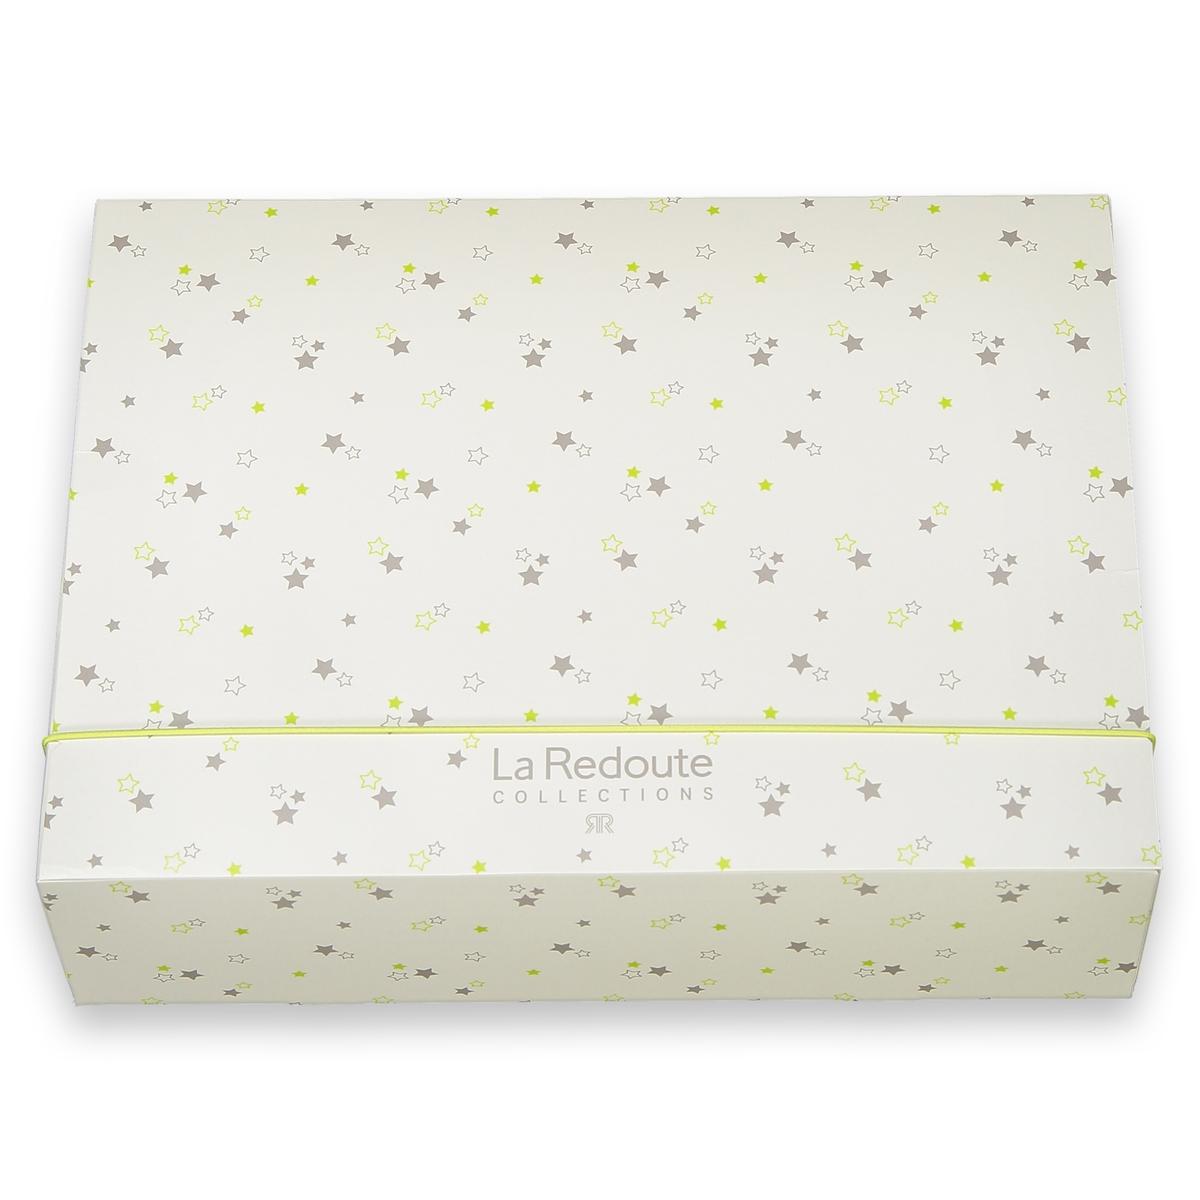 Коробка подарочная для малышейОписание:Отличная подарочная коробка с рисунком звезды на рождение ребенка.Характеристики :  •  Размер : Ш. 36 x В. 10 x Г. 27 см •  Материал : картон •  Застежка : эластичная вставка.Коробка продается в сложенном виде и легко собирается.<br><br>Цвет: белый наб.рисунок<br>Размер: единый размер